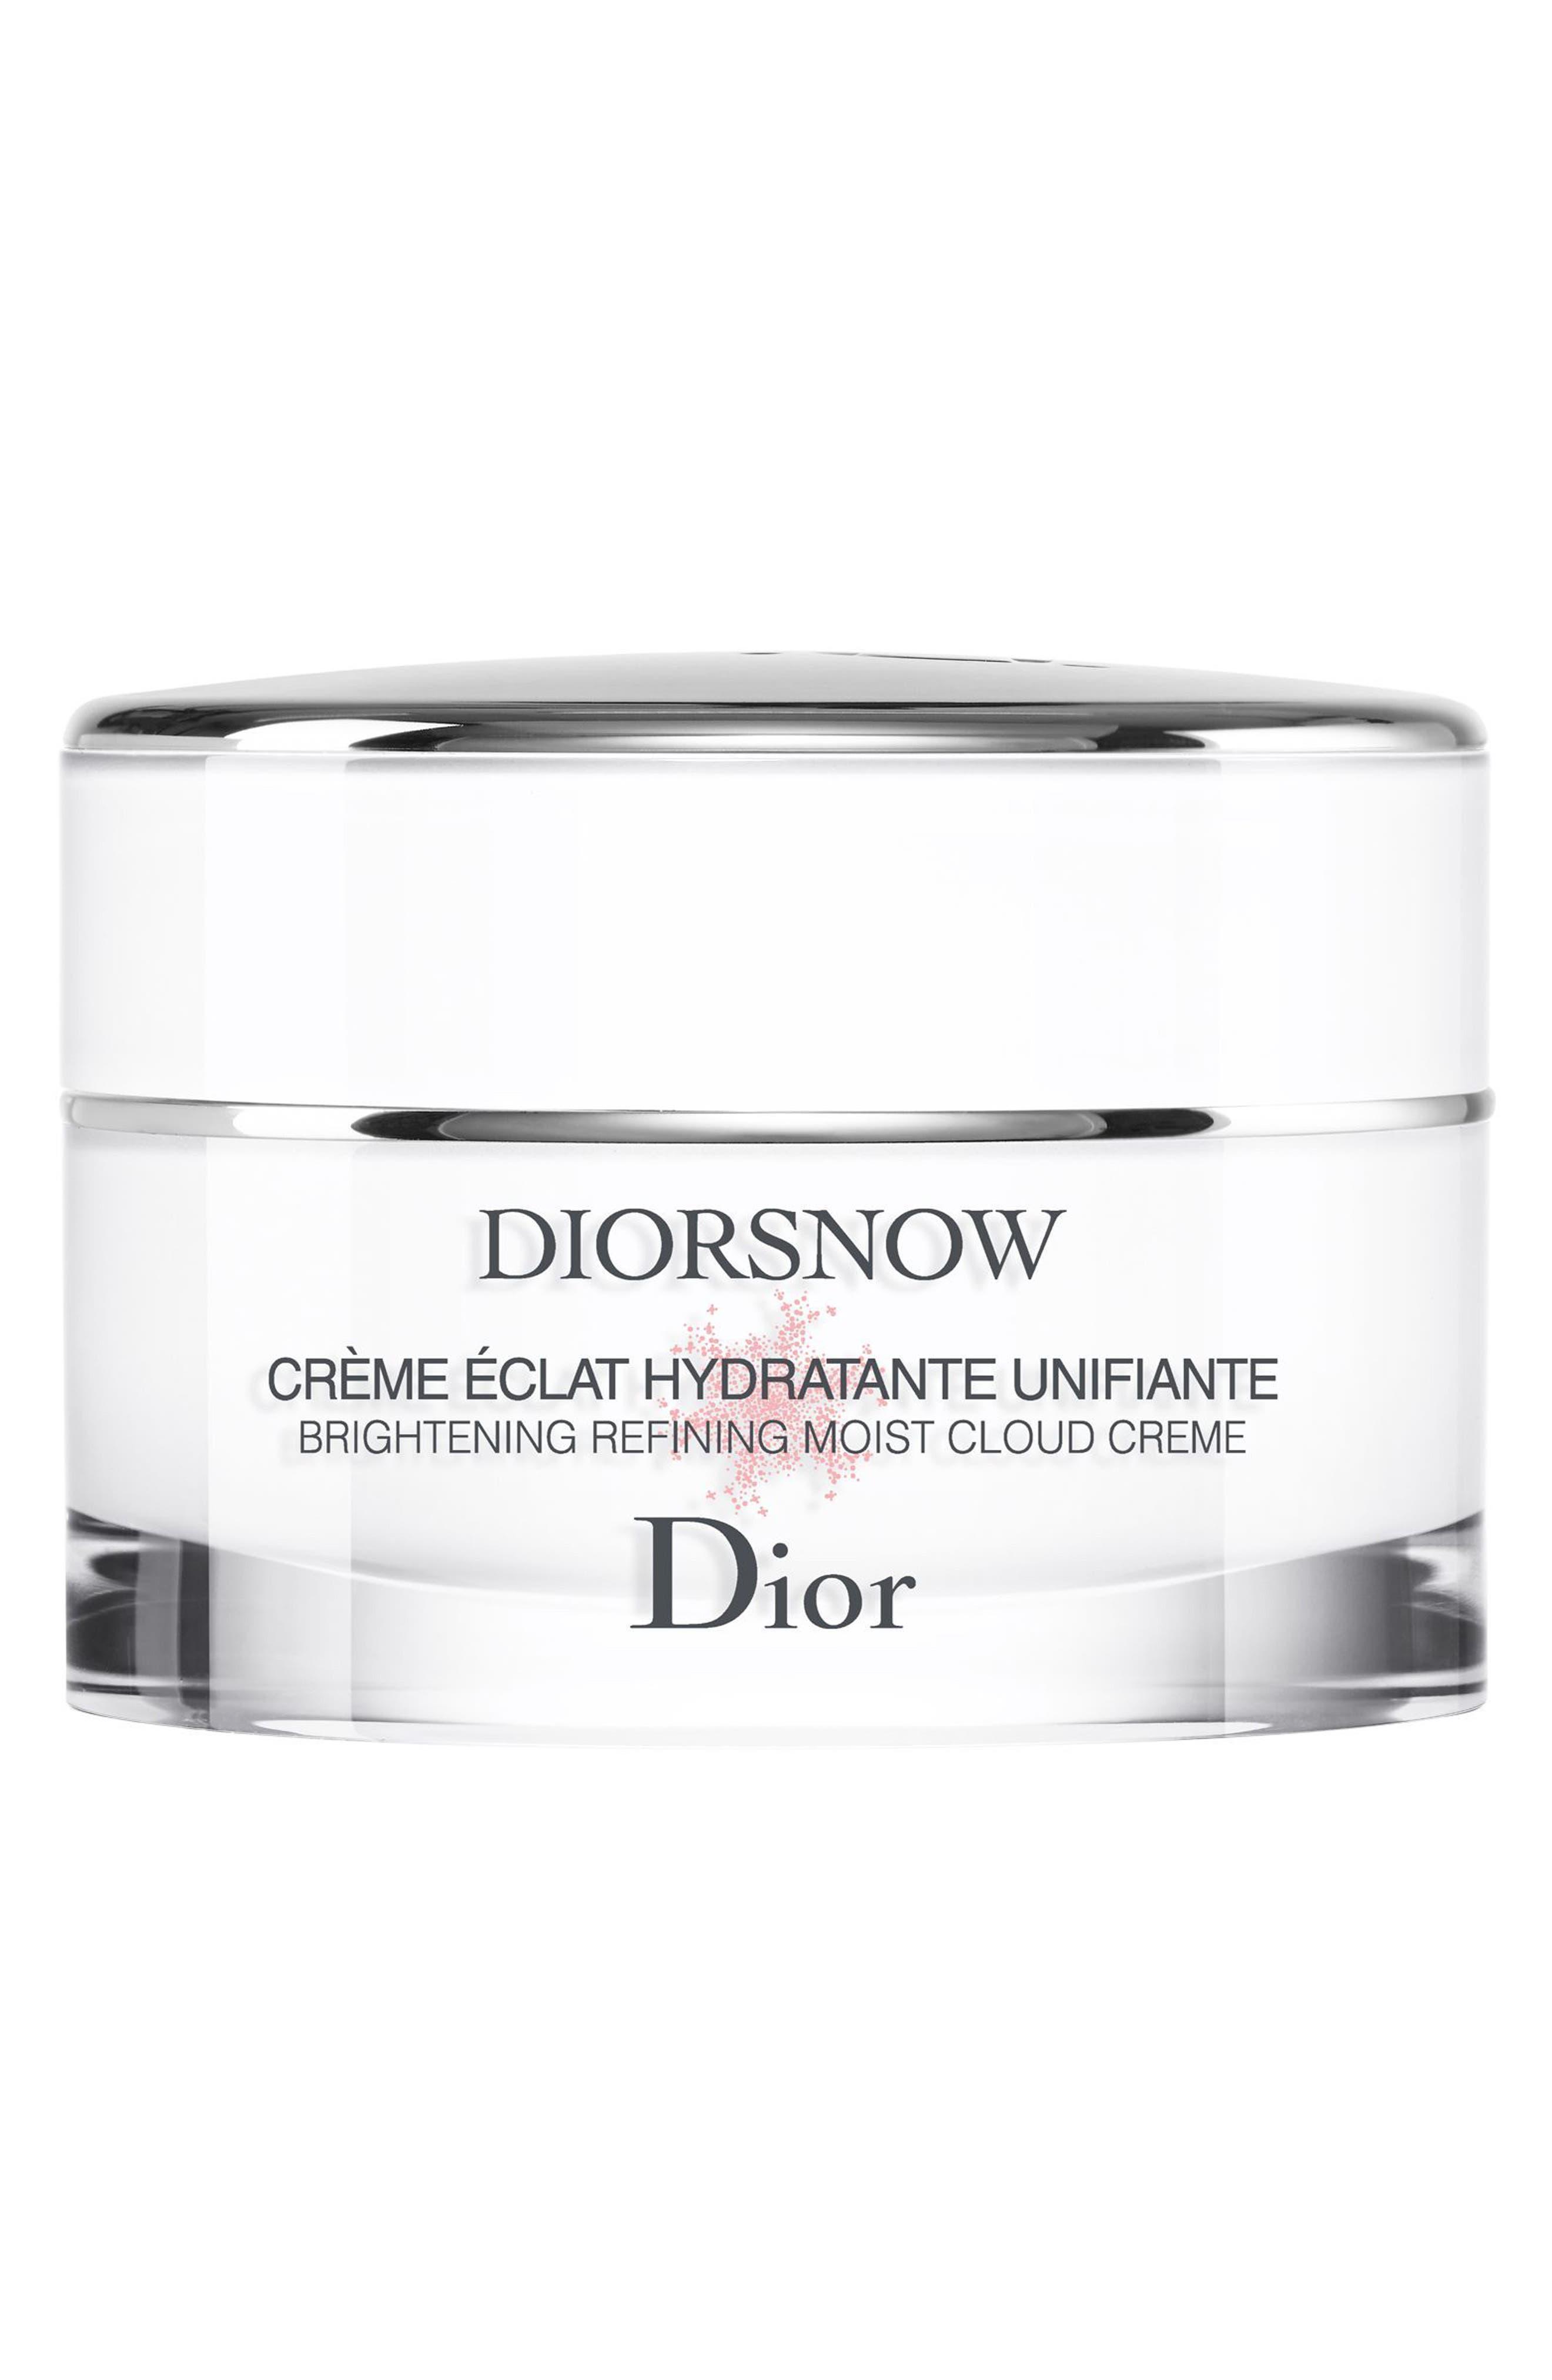 Diorsnow Brightening Refining Moist Cloud Crème,                         Main,                         color, No Color